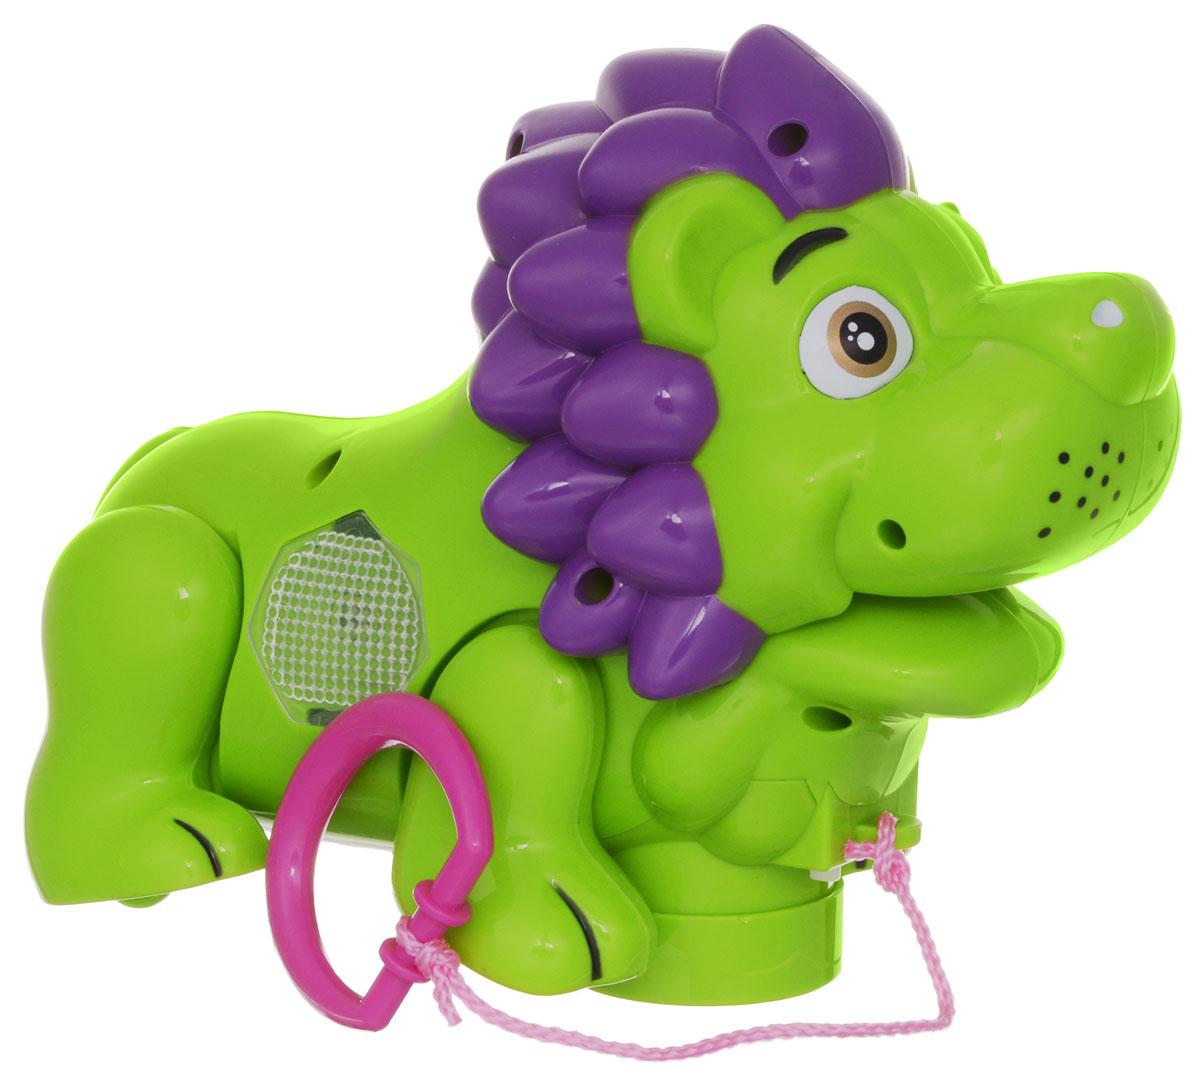 Zhorya Каталка Музыкальный львенок цвет салатовыйХ75386Яркая игрушка-каталка Музыкальный львенок будет побуждать вашего ребенка к прогулкам и двигательной активности. Она подойдет для игры, как дома, так и на свежем воздухе. Игрушка со световыми и звуковыми эффектами выполнена из безопасного пластика в виде милого львенка. При движении львенок забавно двигает лапкой и головой. А ещё игрушка споет веселую песенку на русском языке и замигает яркой подсветкой. У каталки есть режим Произвольное движение. Ребенок сможет катать игрушку, потянув за текстильный шнурок. Игрушка-каталка Львенок развивает у ребенка пространственное мышление, цветовое восприятие, ловкость и координацию движений, тактильные ощущения, память, внимание и слух. Для работы игрушки необходимы 3 батарейки напряжением 1,5V типа АА (не входят в комплект).